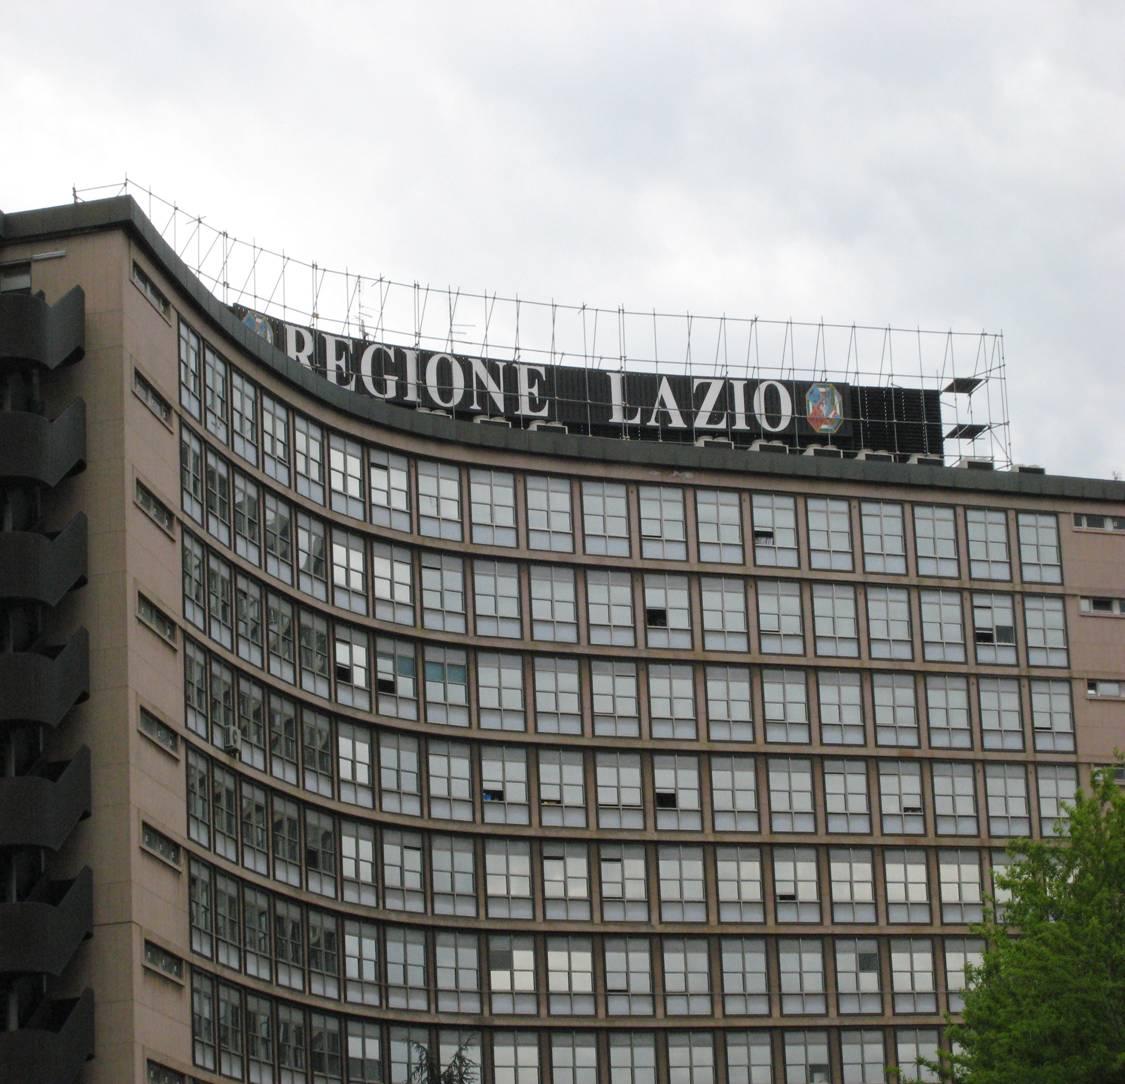 Covid-19 Regione Lazio: sospensione tributi regionali anno 2020